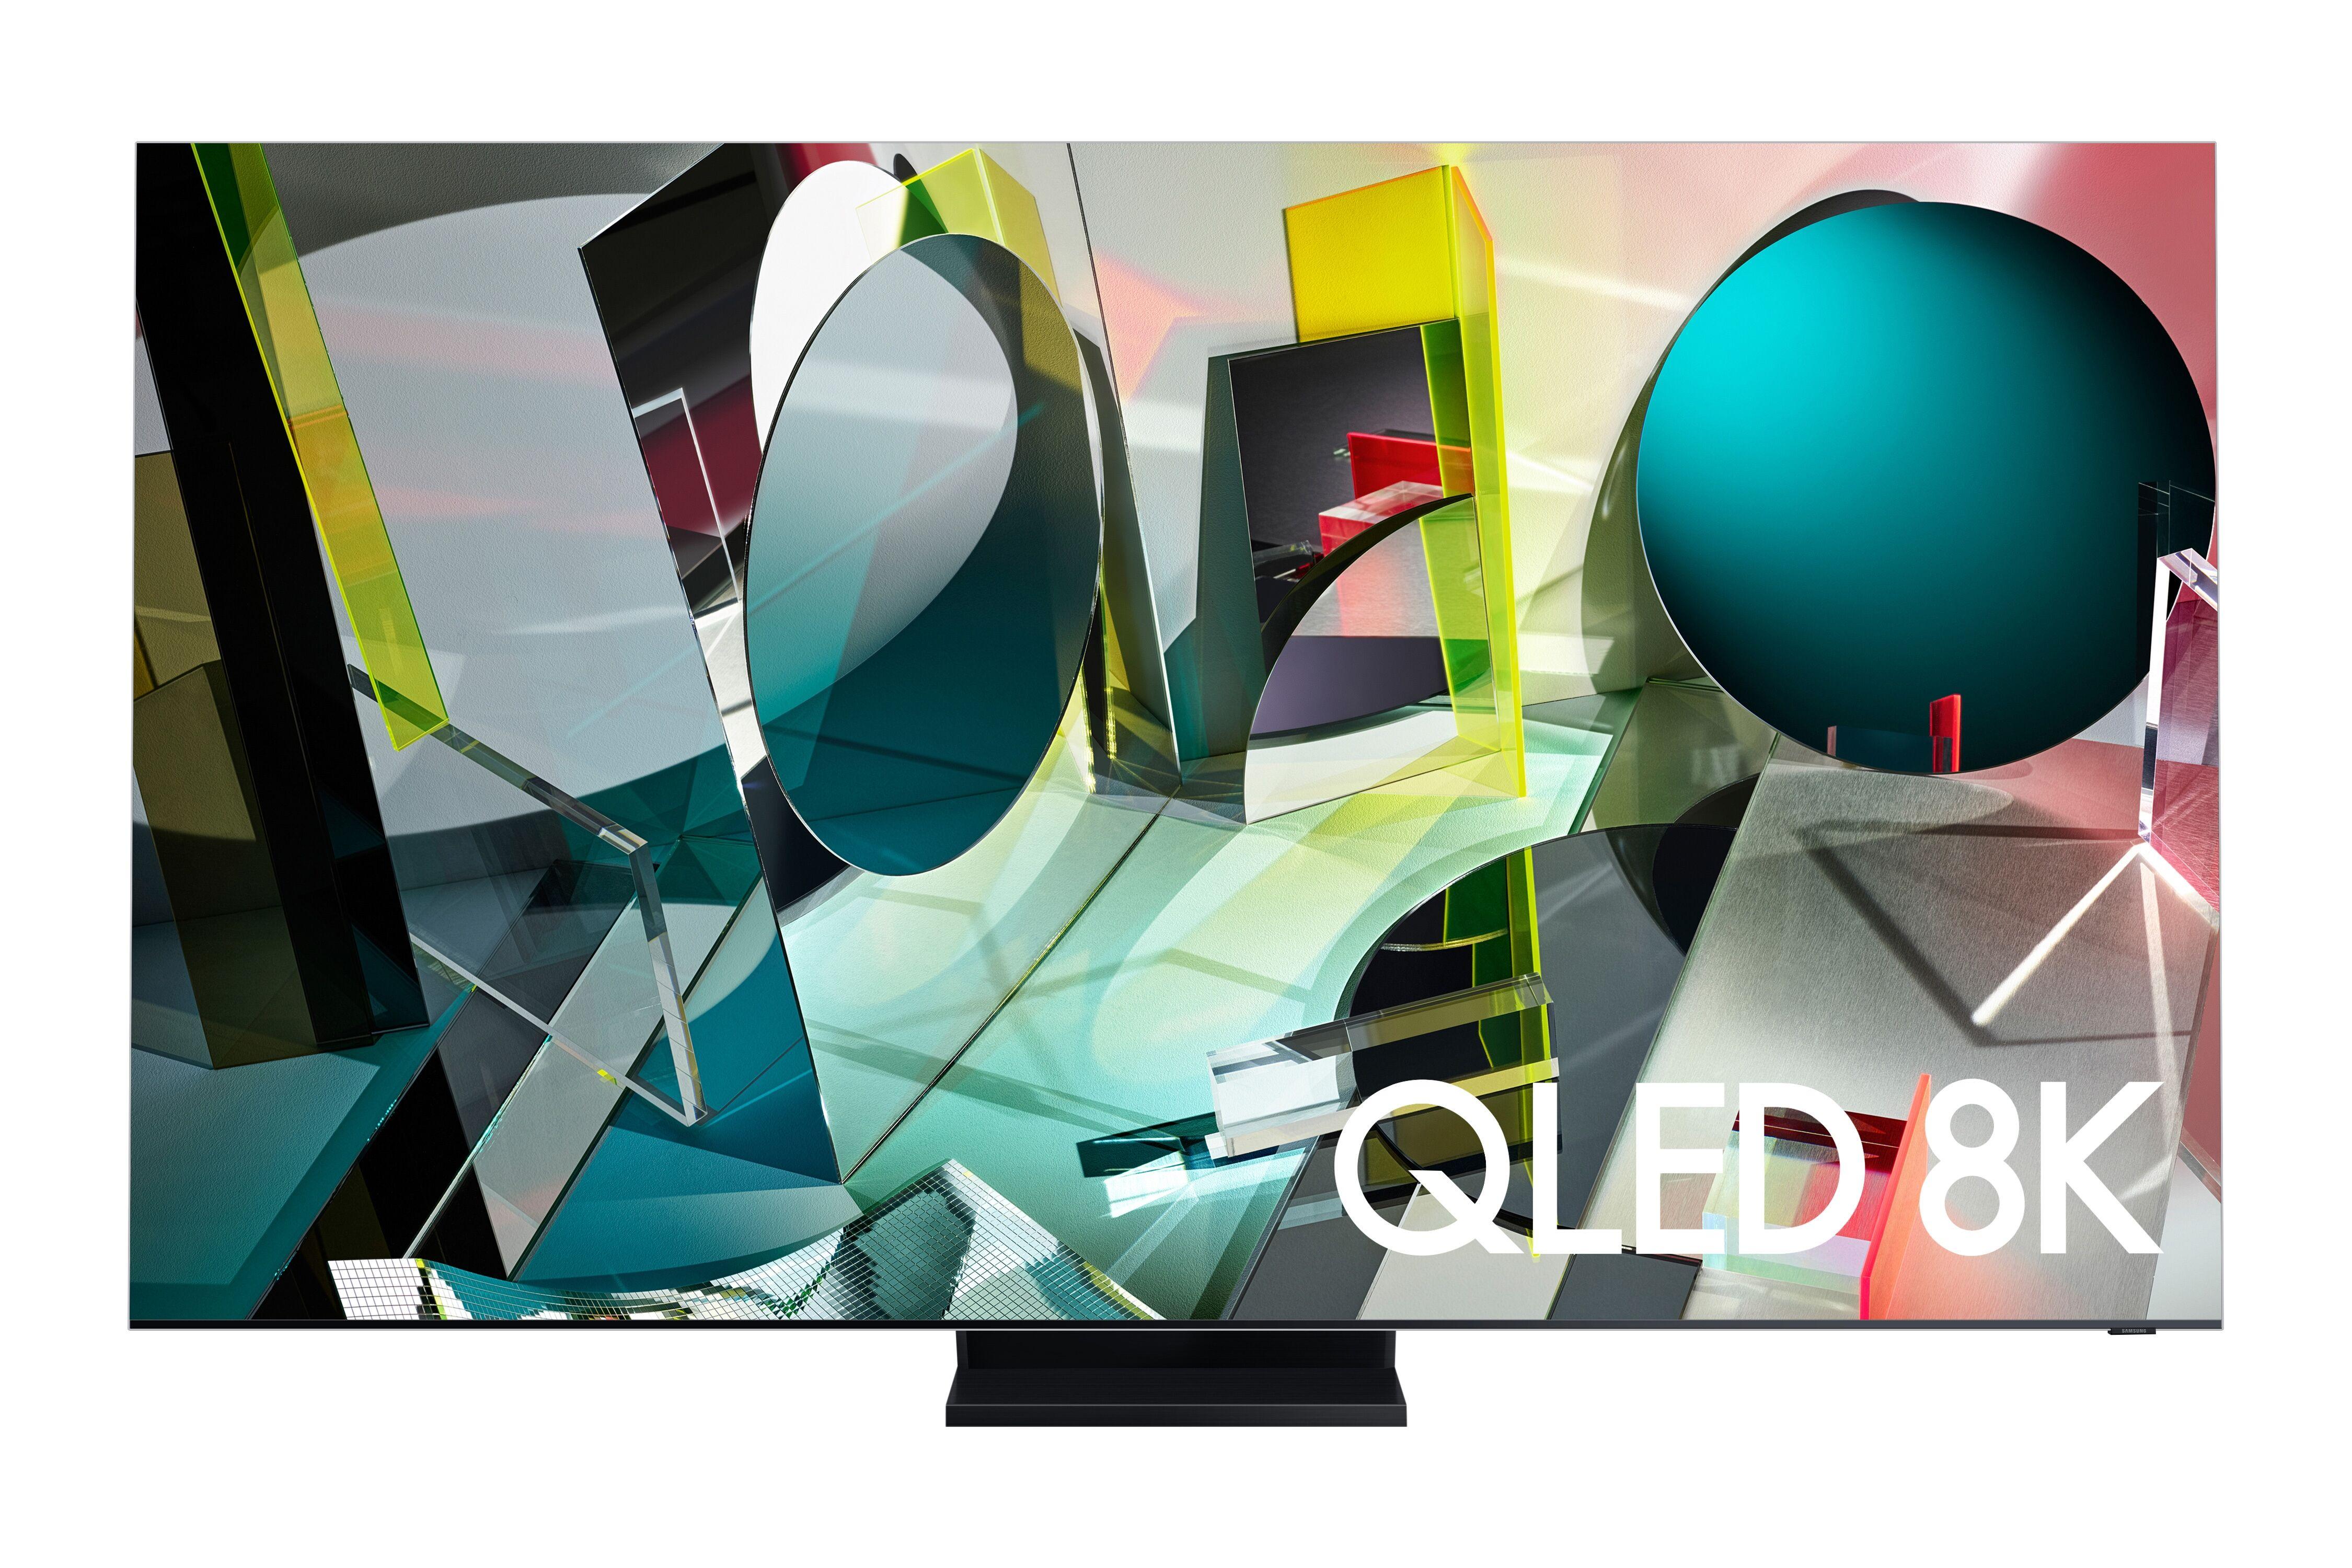 """Samsung 2020 75"""" Q950TS Flagship QLED 8K HDR 4000 [3000] Smart TV with Tizen OS Black (QE75Q950TSTXXU)"""